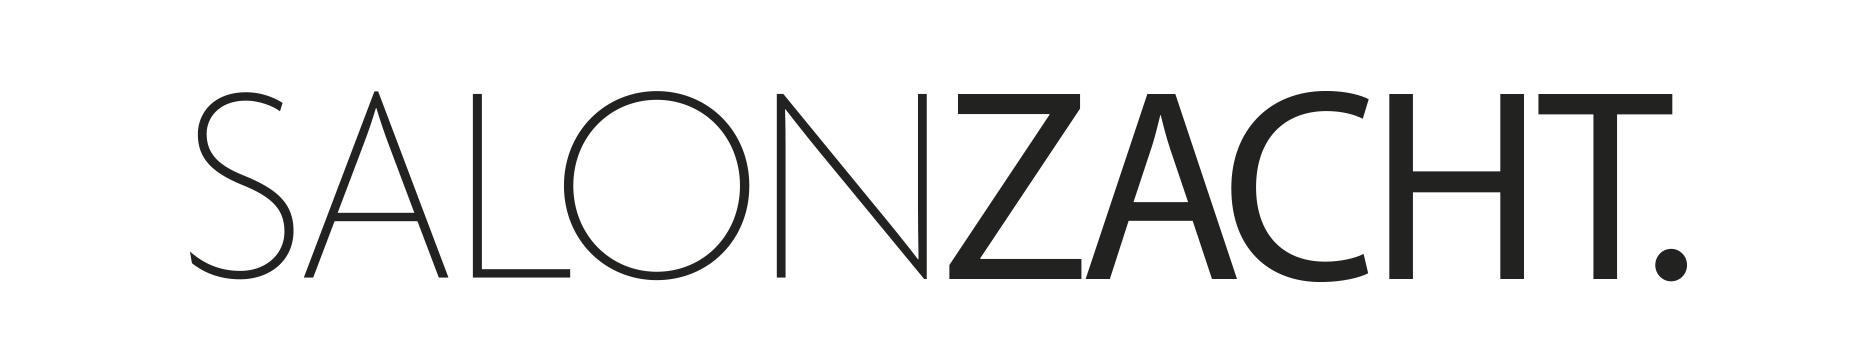 Salon Zacht